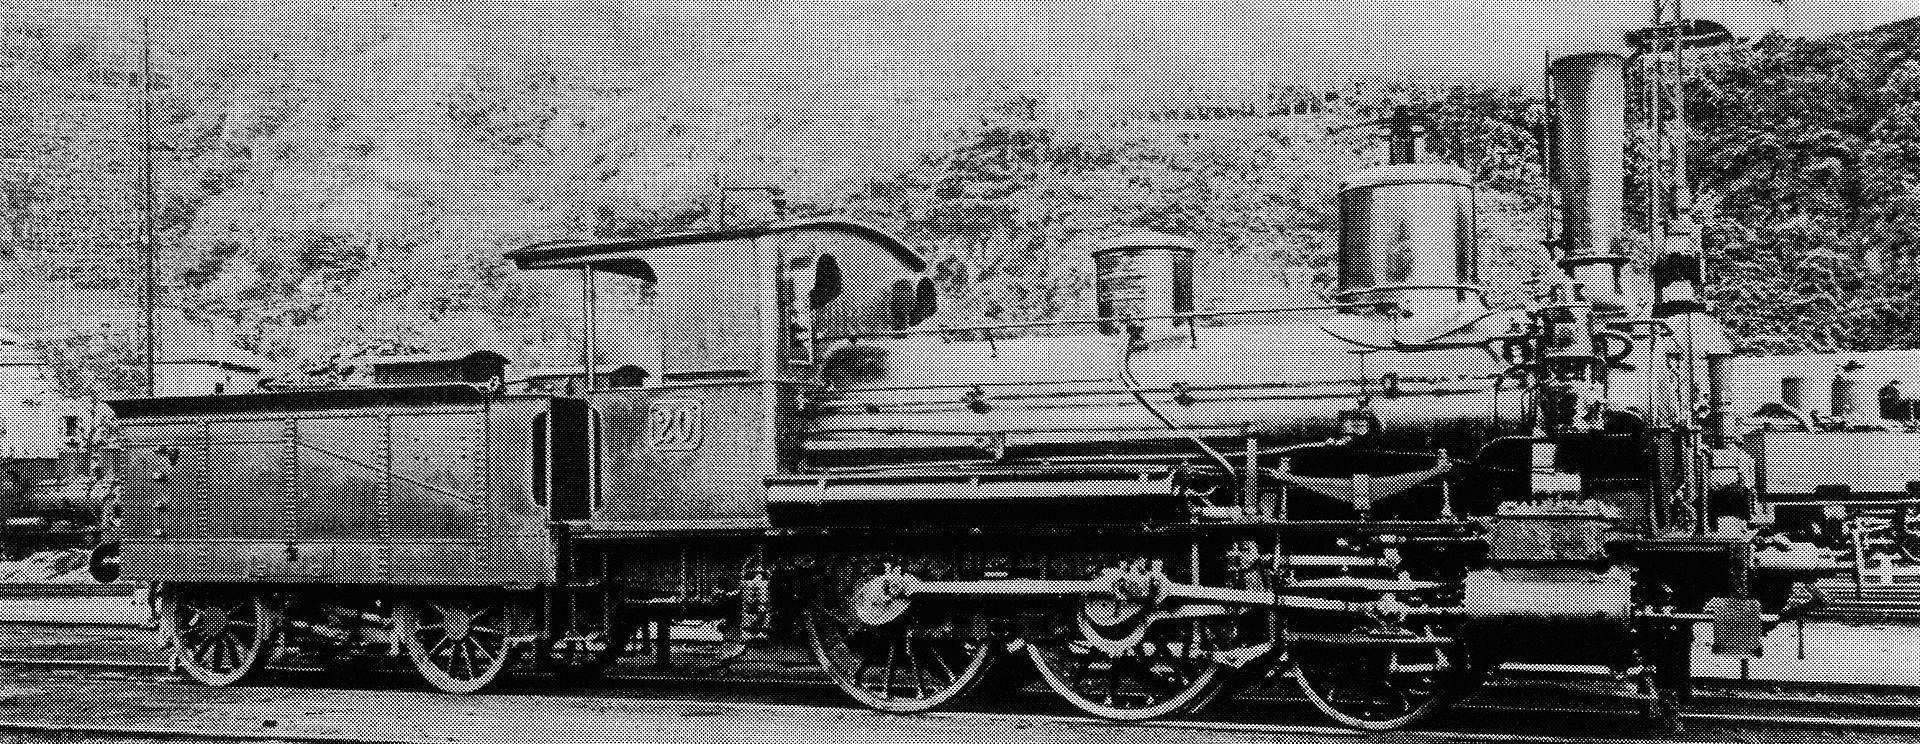 Perſonenzuglocomotive Nr. 20 des Typs C 2/3 der Gotthardbahn für den Betrieb der Teſſiner Thalbahnen, gebaut 1883 von der Maschinenbau-Gesellschaft Carlsruhe (Fabr.-Nr. 1069), 1901 mit neuem Keſſel ausgeſtattet, 1909 als Nr. 2220 von den Schweizeriſchen Bundesbahnen übernommen, 1913 außer Dienſt geſtellt und anſchließend abgebrochen.